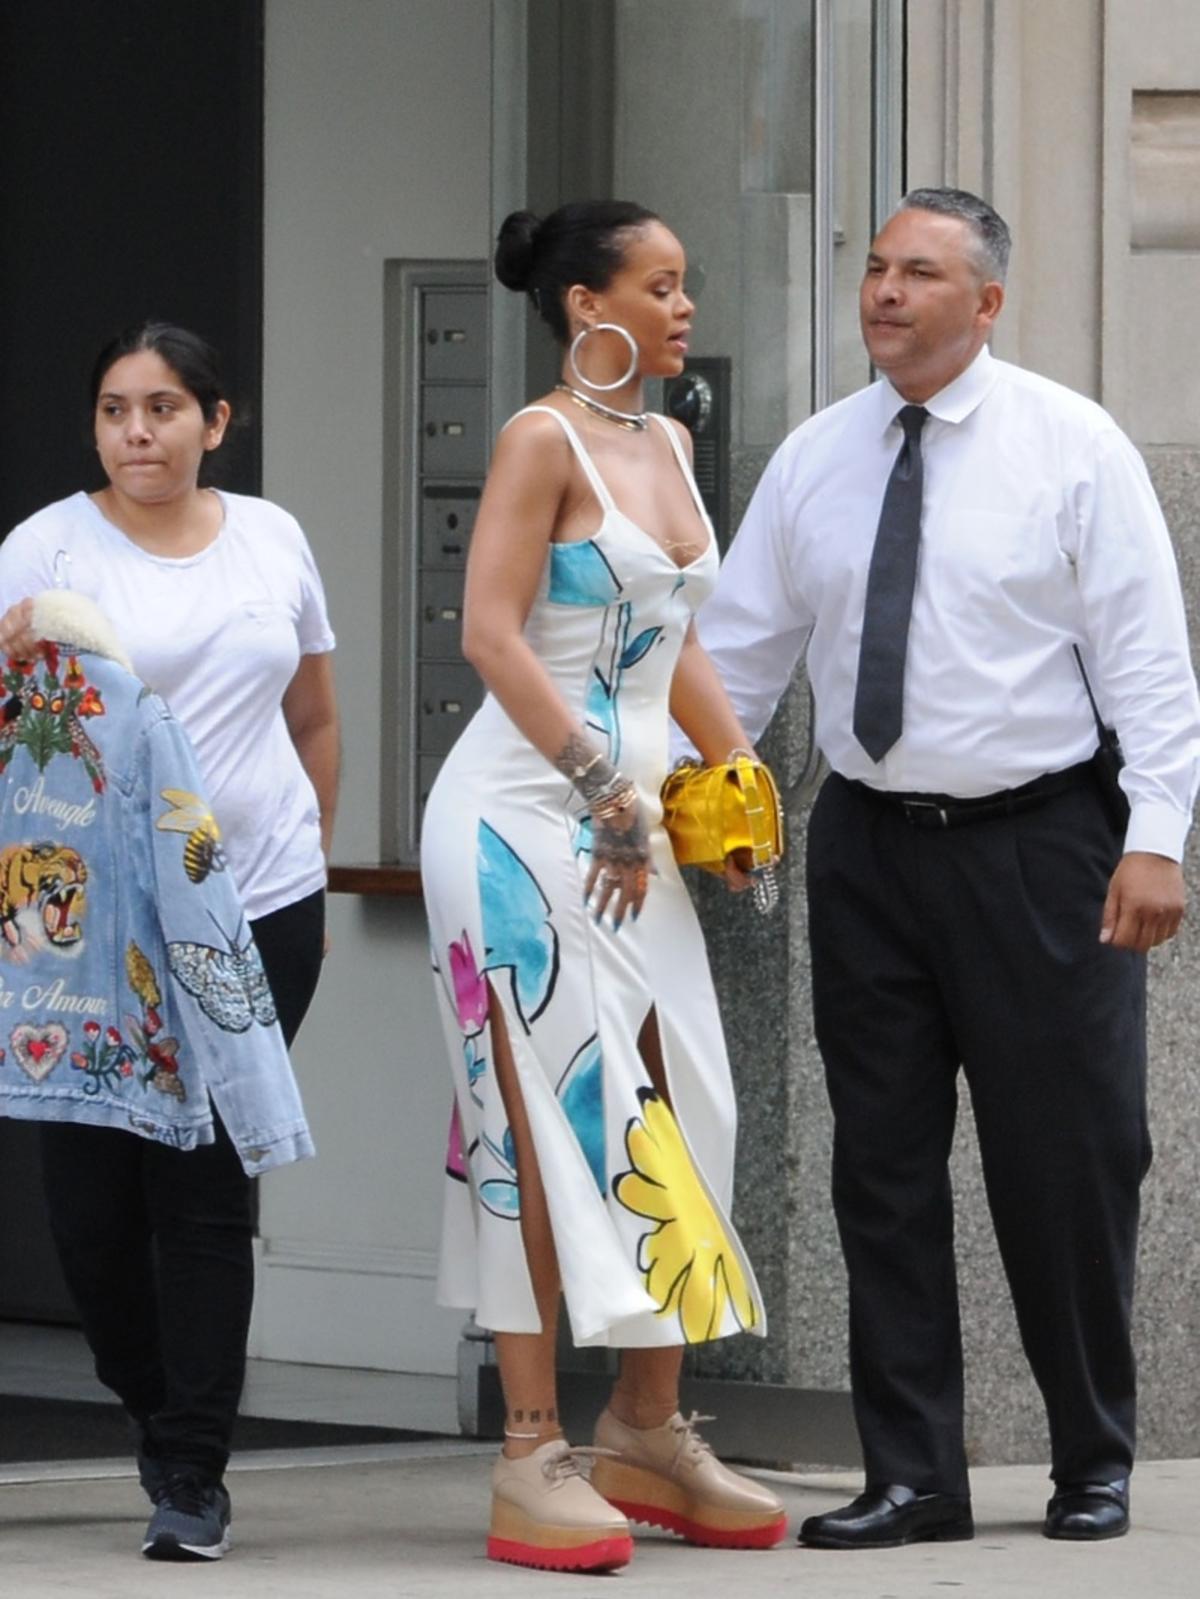 Modna stylizacja Rihanny z sukienką marki Adam Selman, torebką Dior i butami Stella McCartney